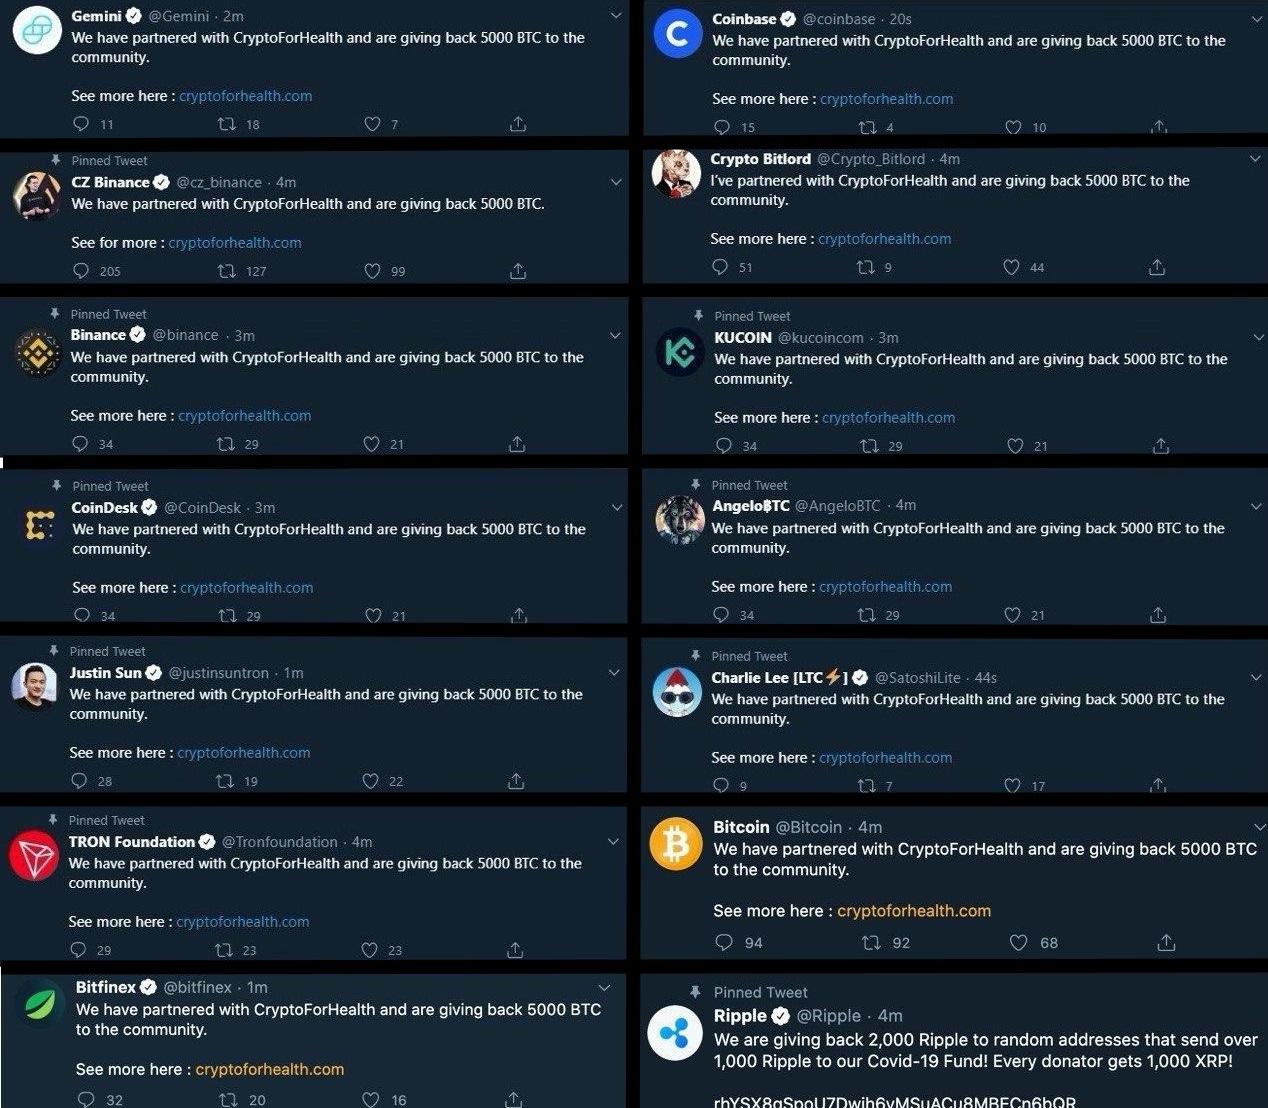 Twitter аккаунты криптовалютного сообщества которые попали под хакерскую атаку